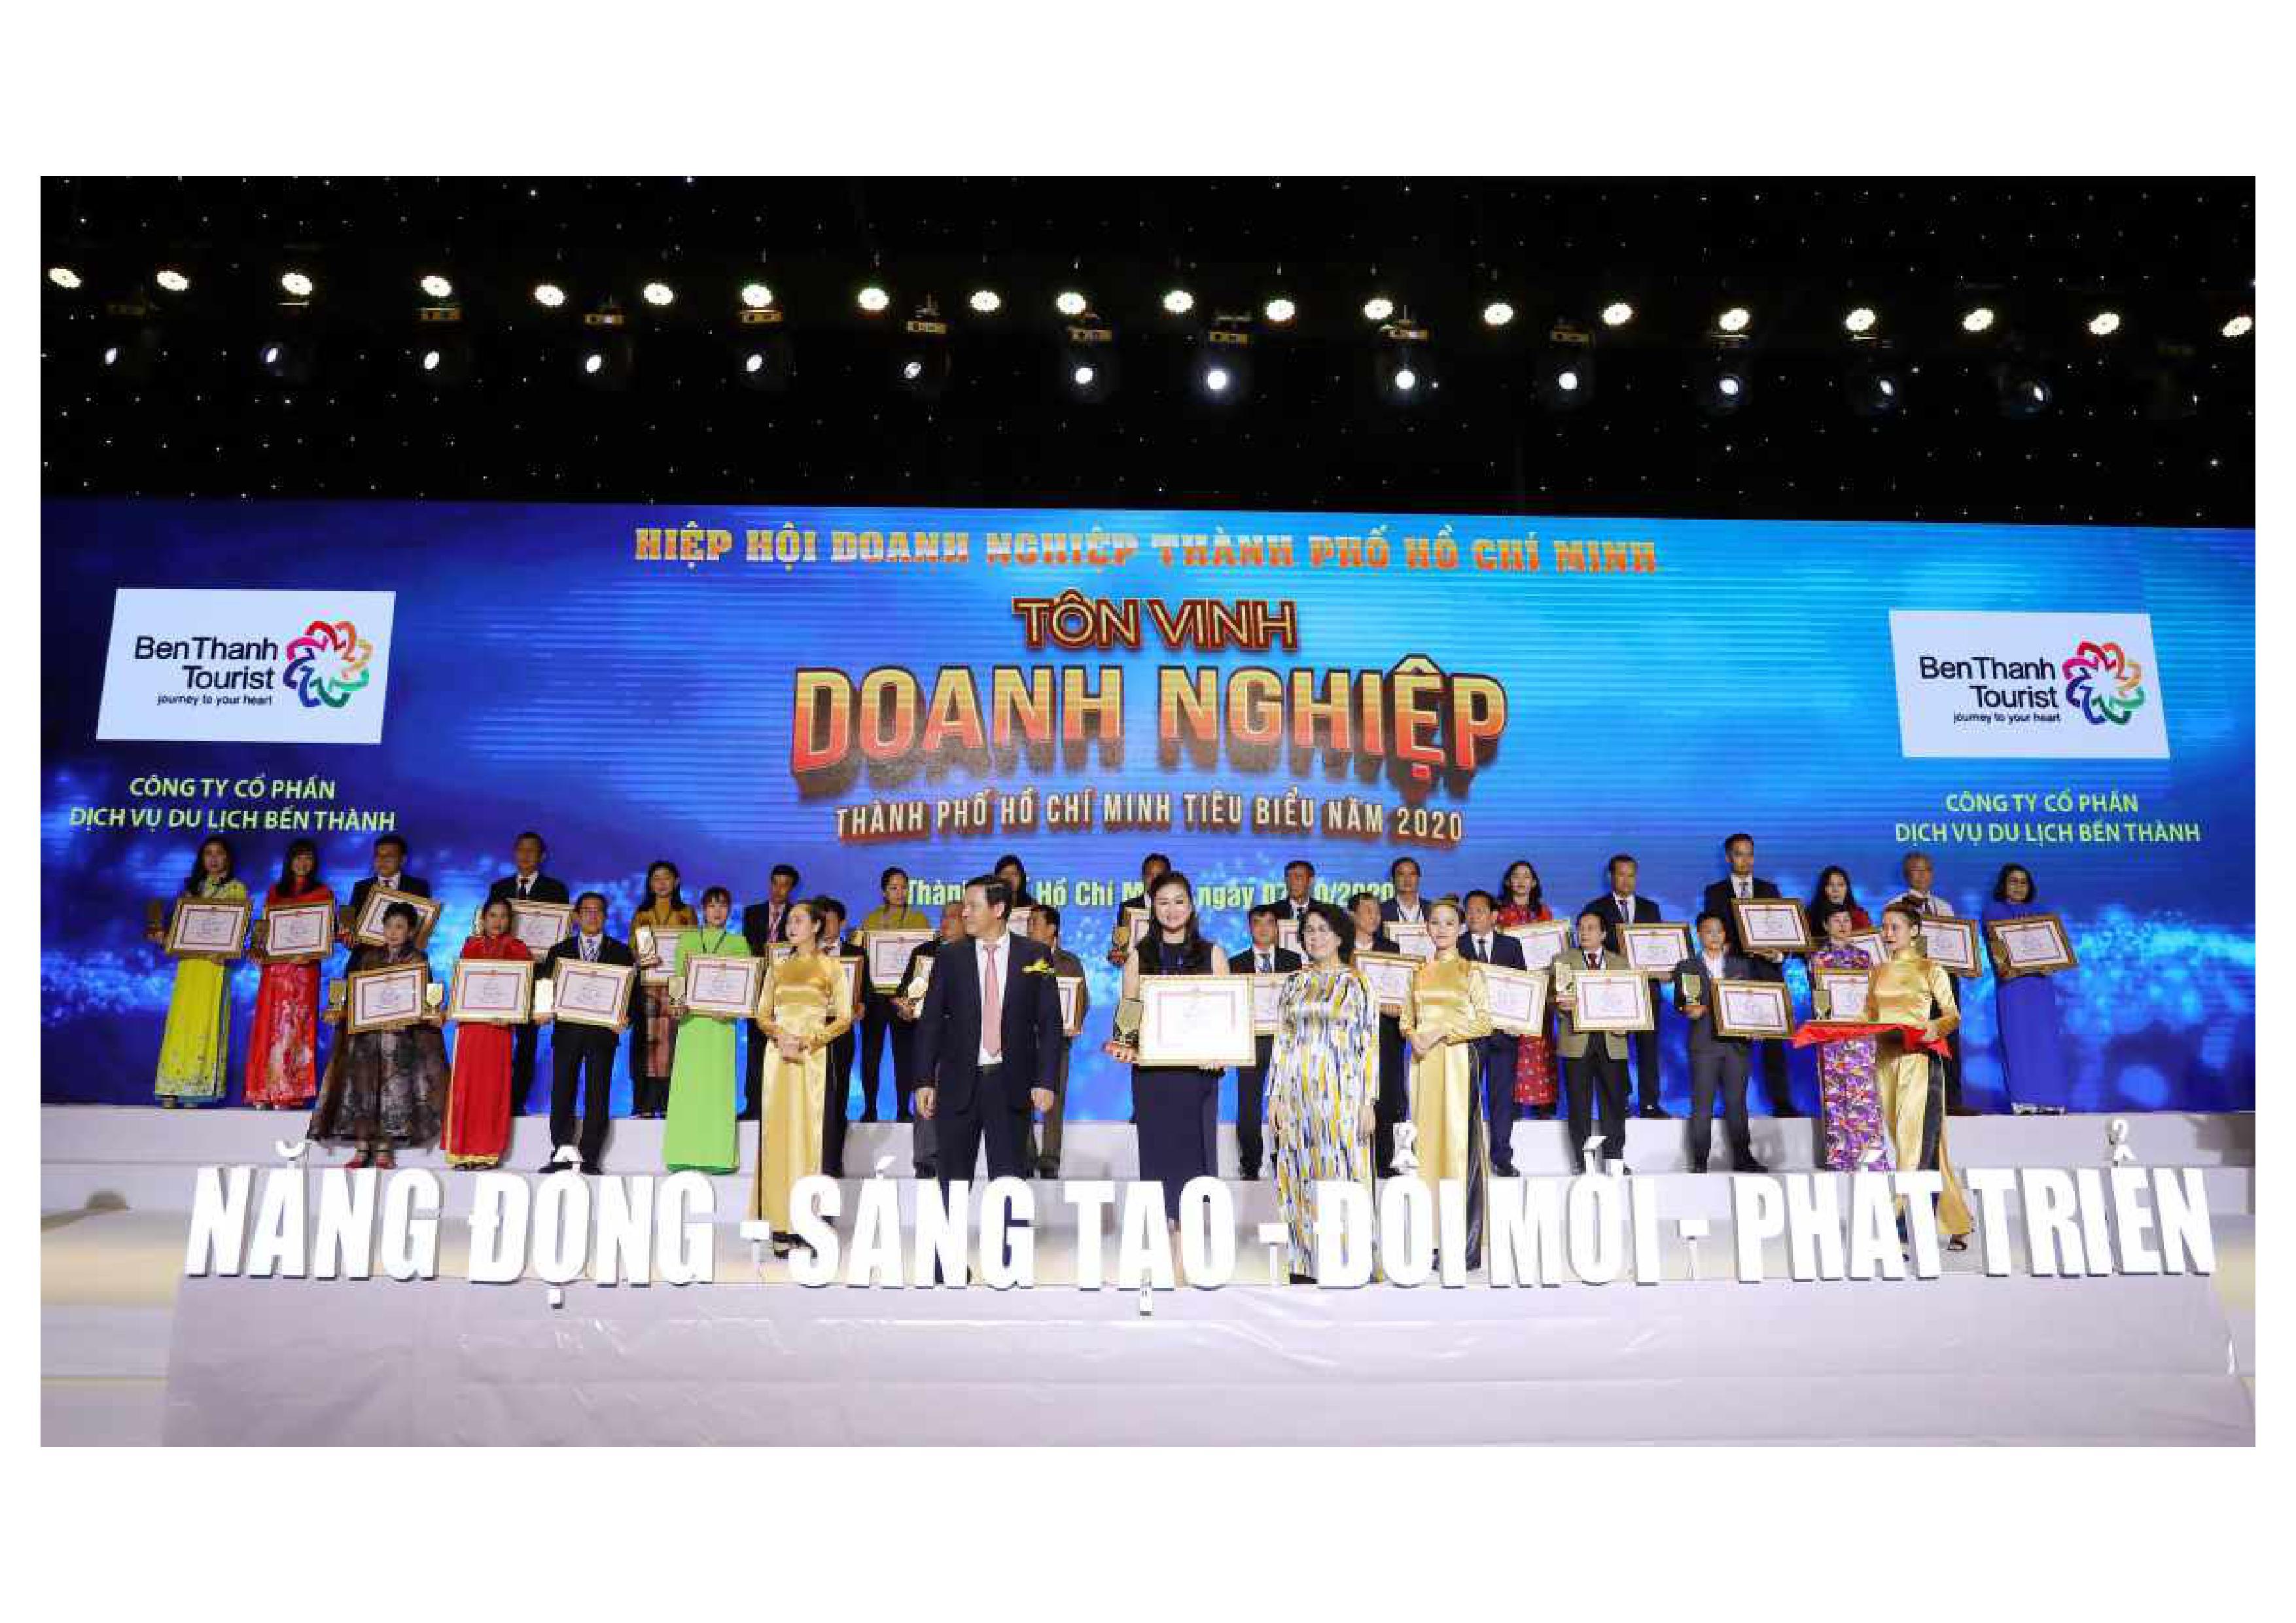 BenThanh Tourist lần thứ 6 đạt TOP 100 Doanh nghiệp TP.HCM tiêu biểu